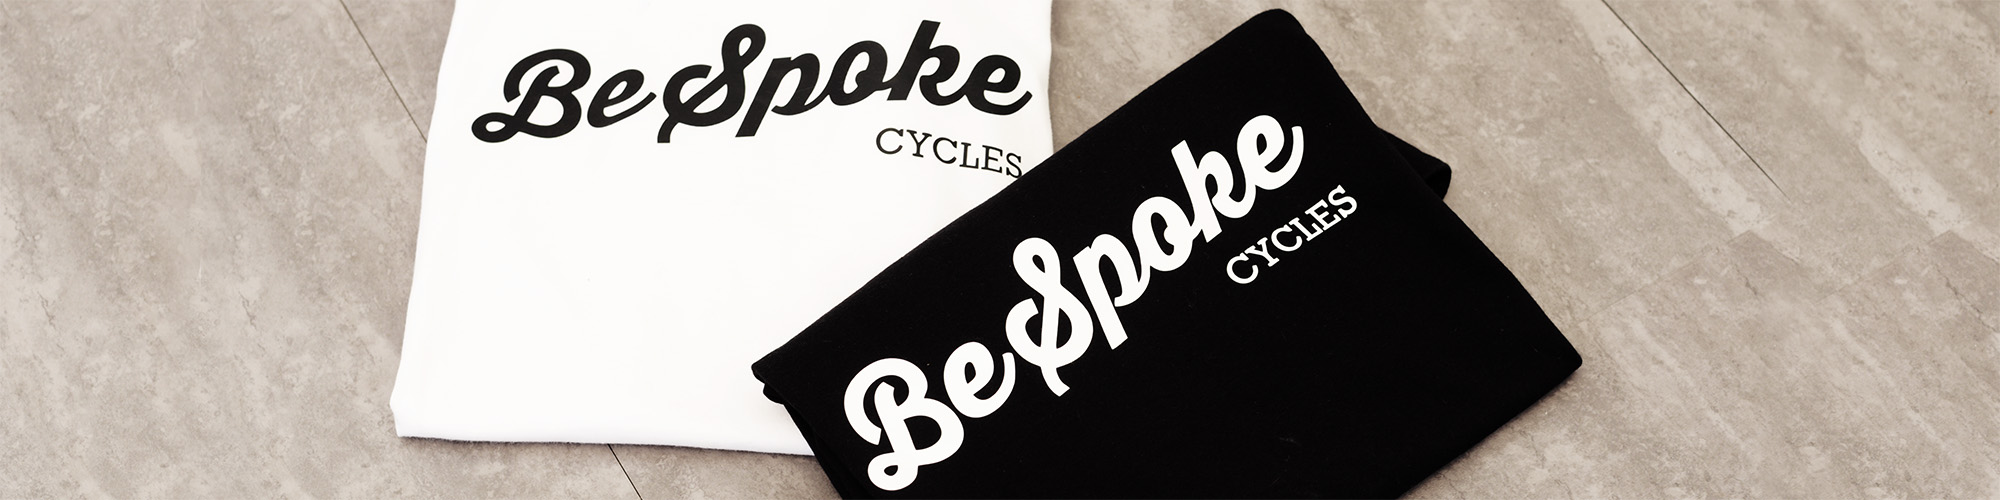 BeSpoke-banner-03